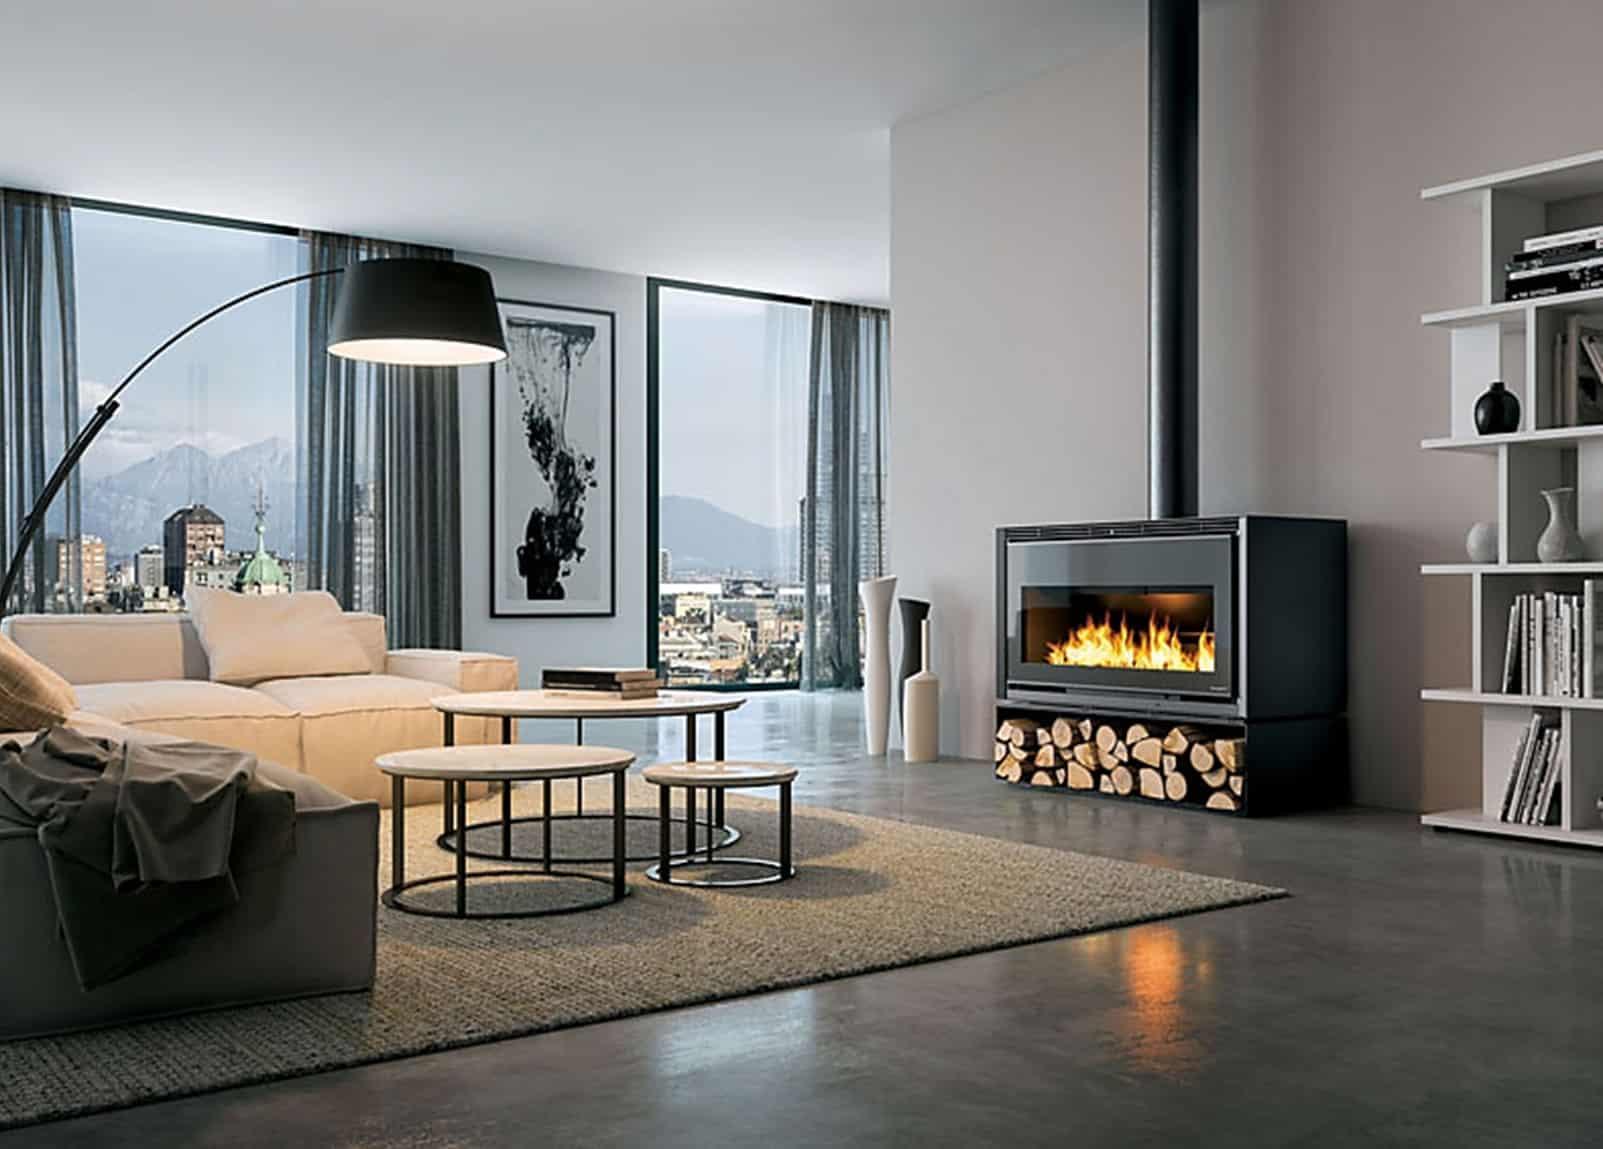 Home Le Foyer La Sagne : מחיר ש quot ח iki רוקח תנורי חימום